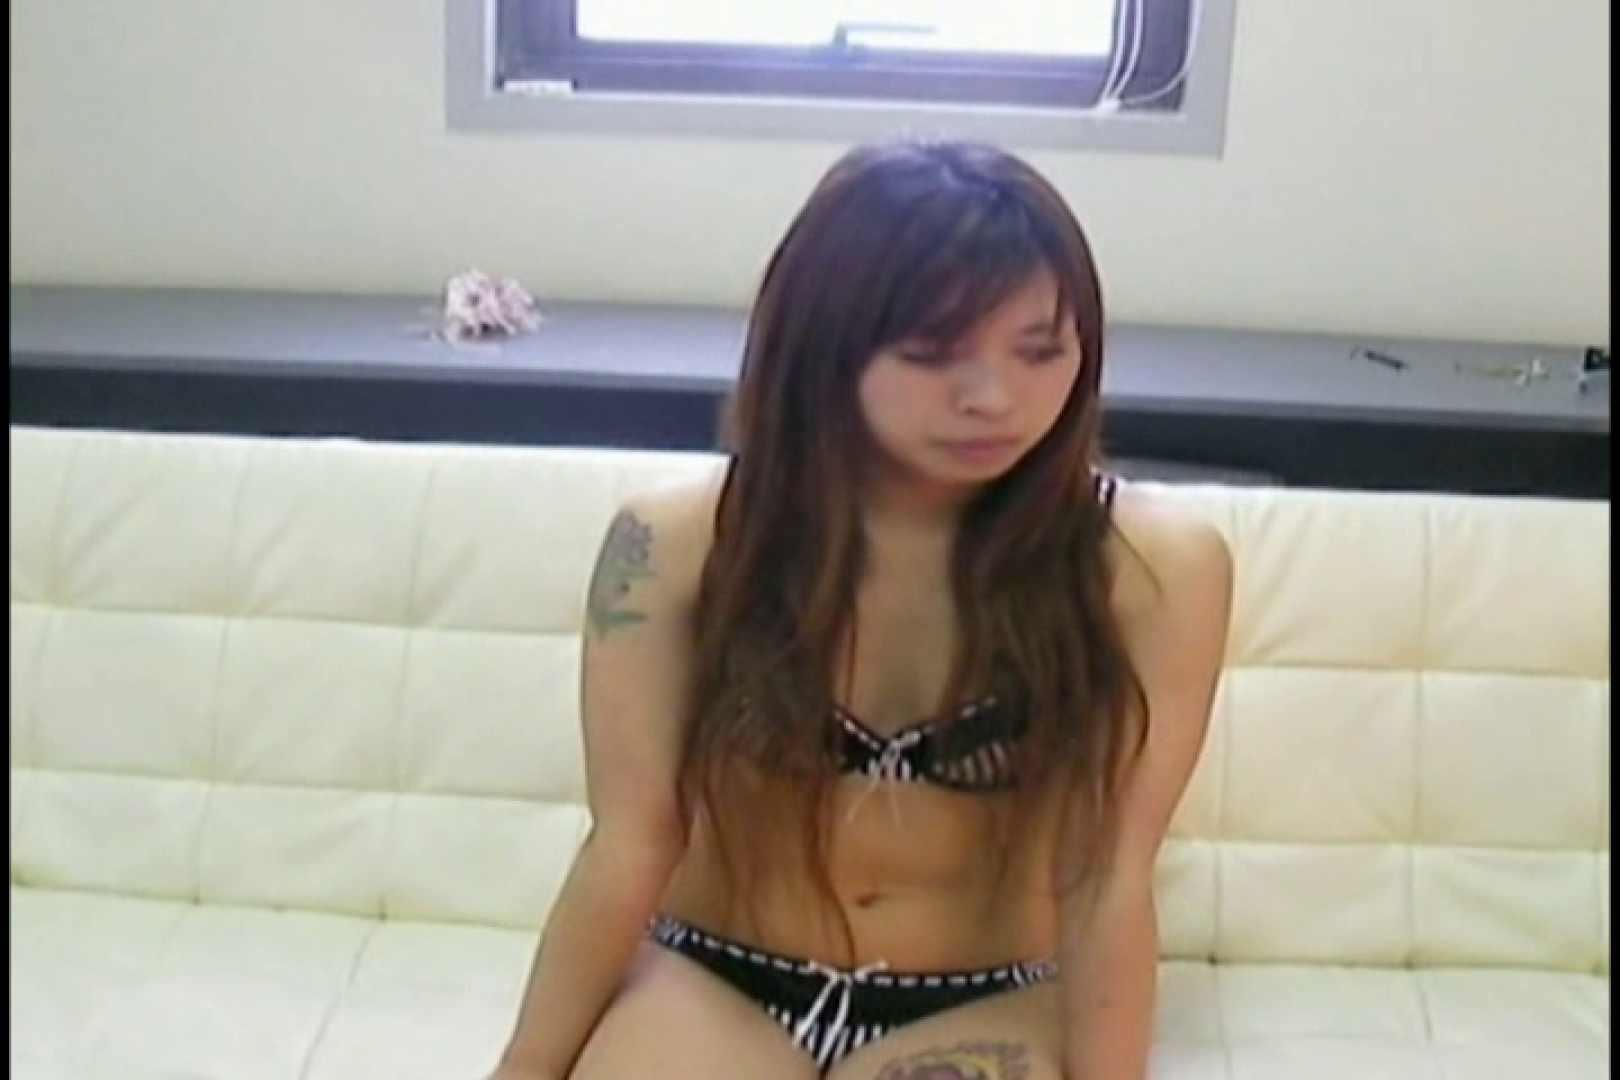 素人撮影 下着だけの撮影のはずが・・・ よしこ23歳 女子着替え | 素人  85pic 43